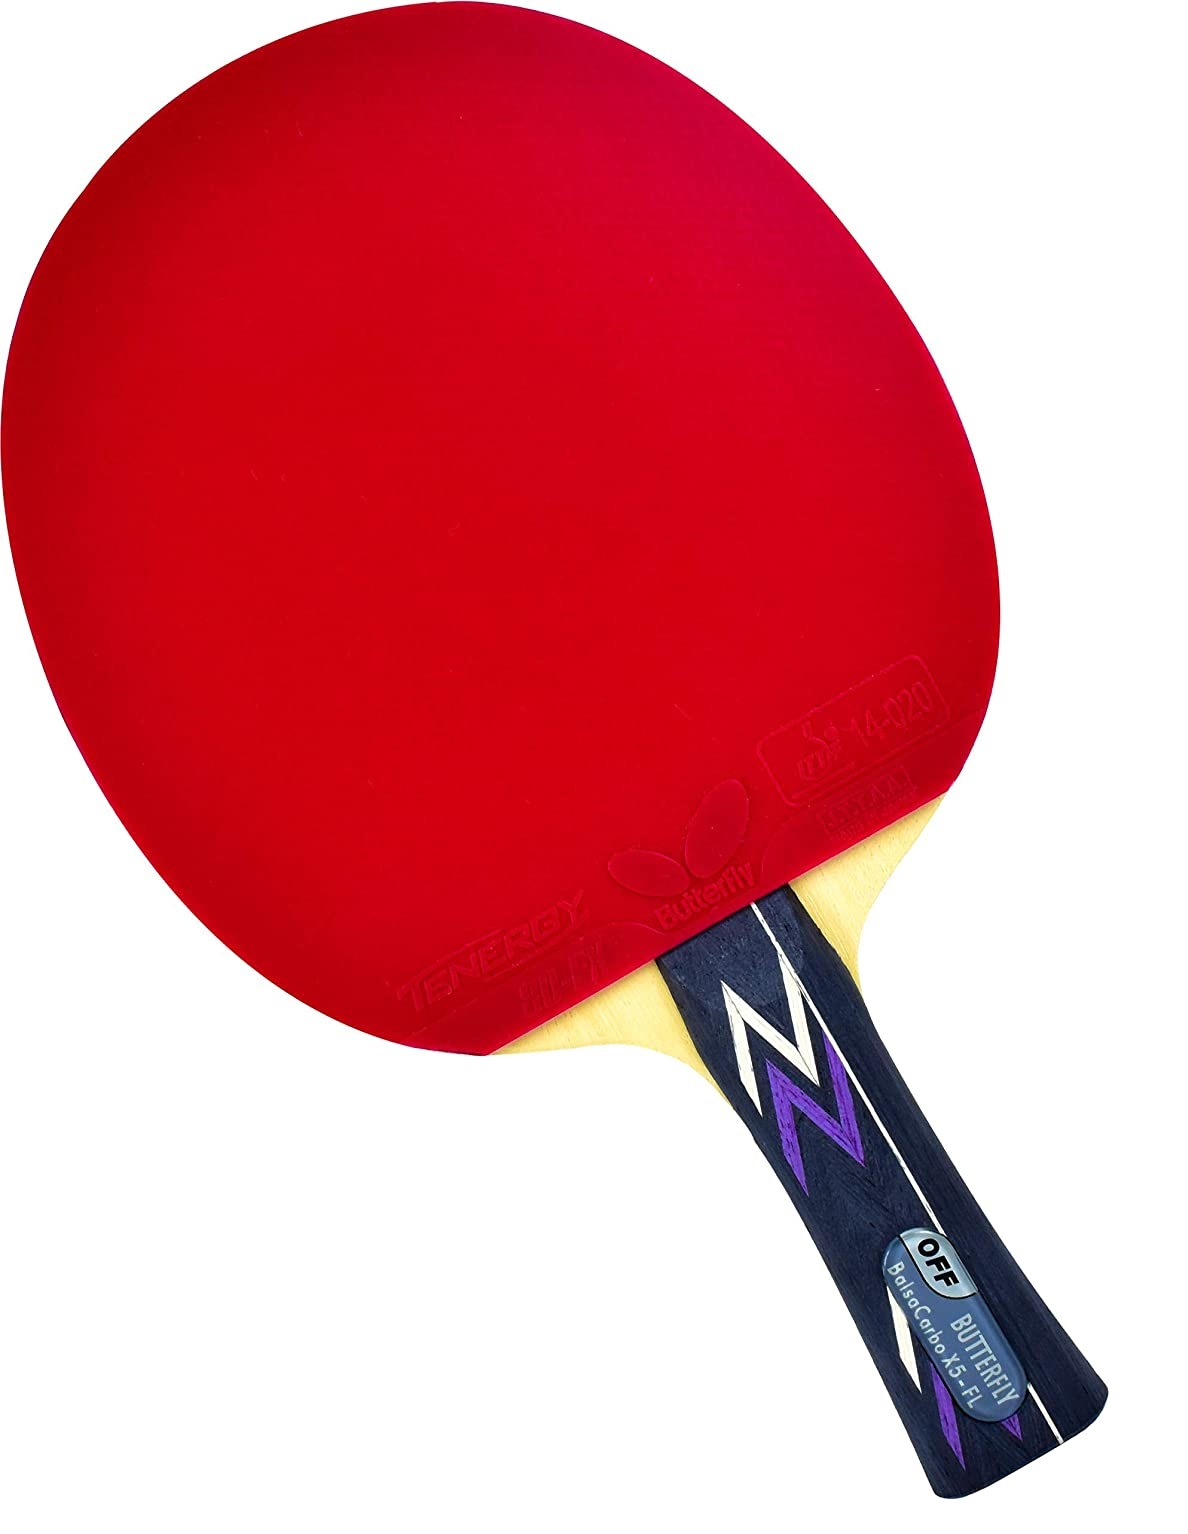 Vợt bóng bàn Butterfly Pro-Line Balsa Carbo X5